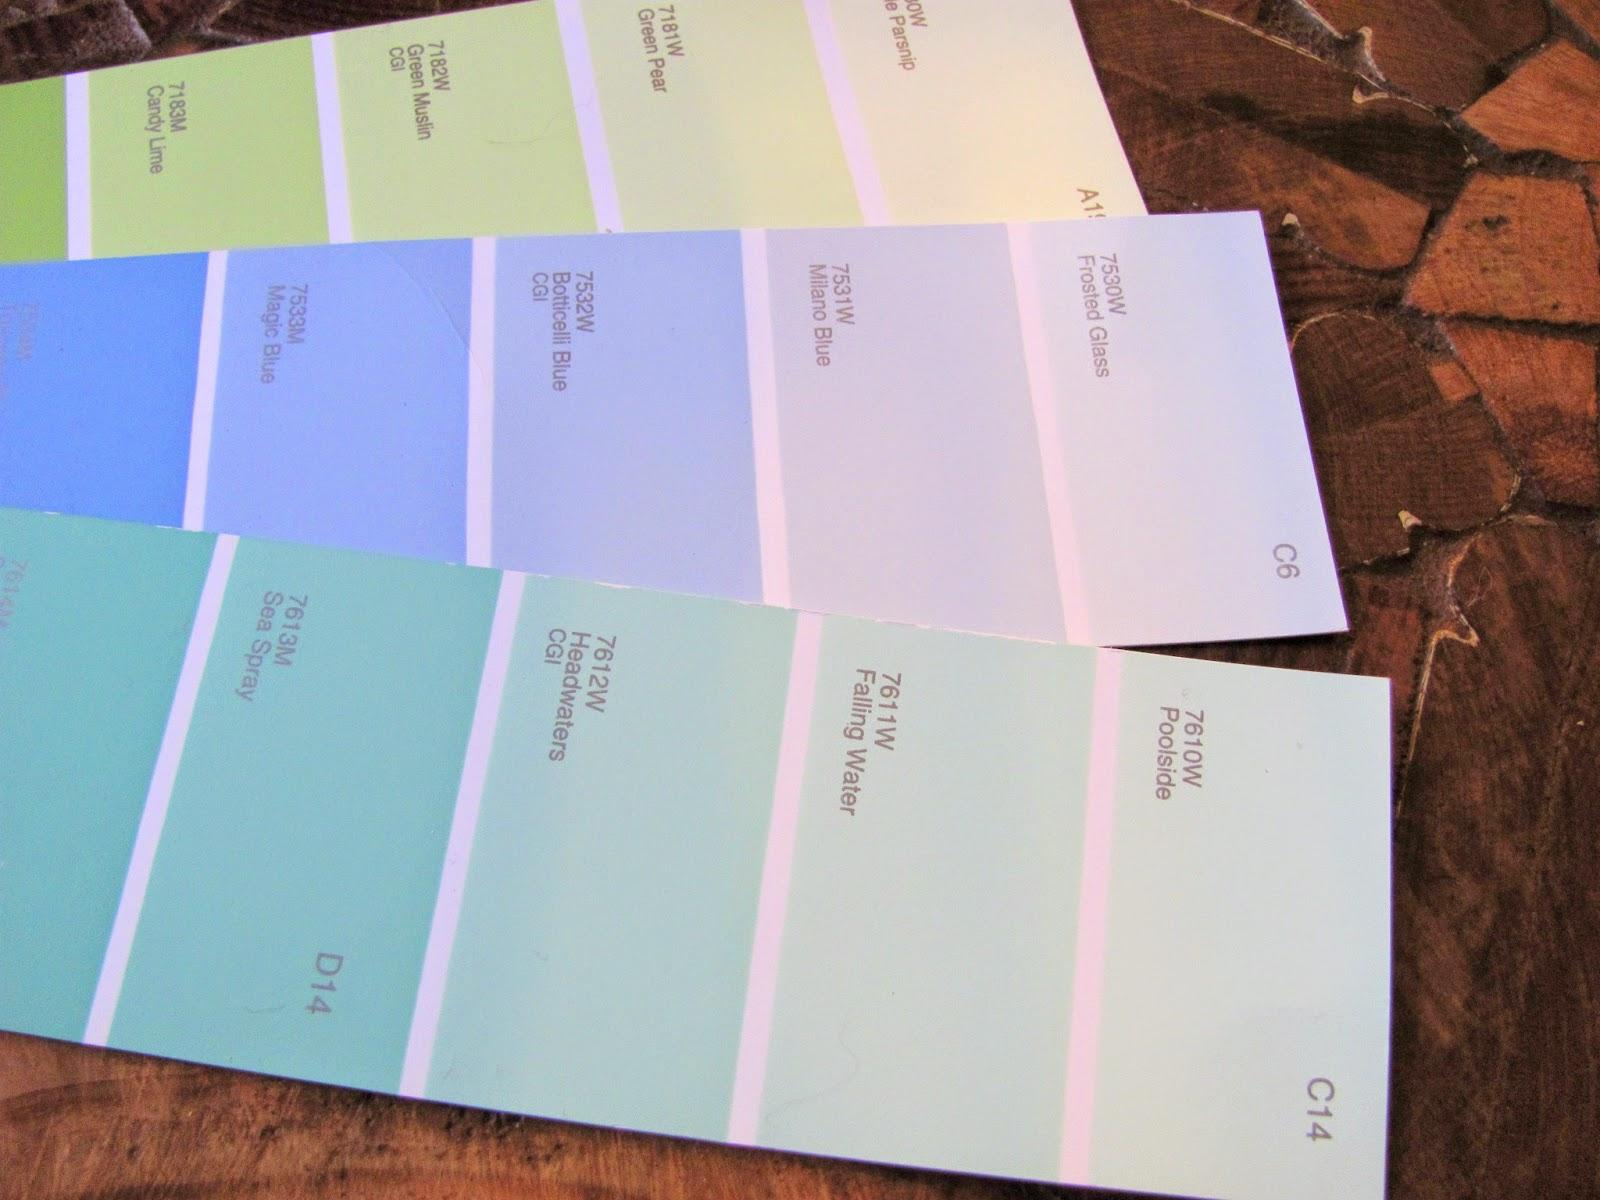 Fsn idea chevron en degrad con muestrarios de colores for Muestrario colores pintura